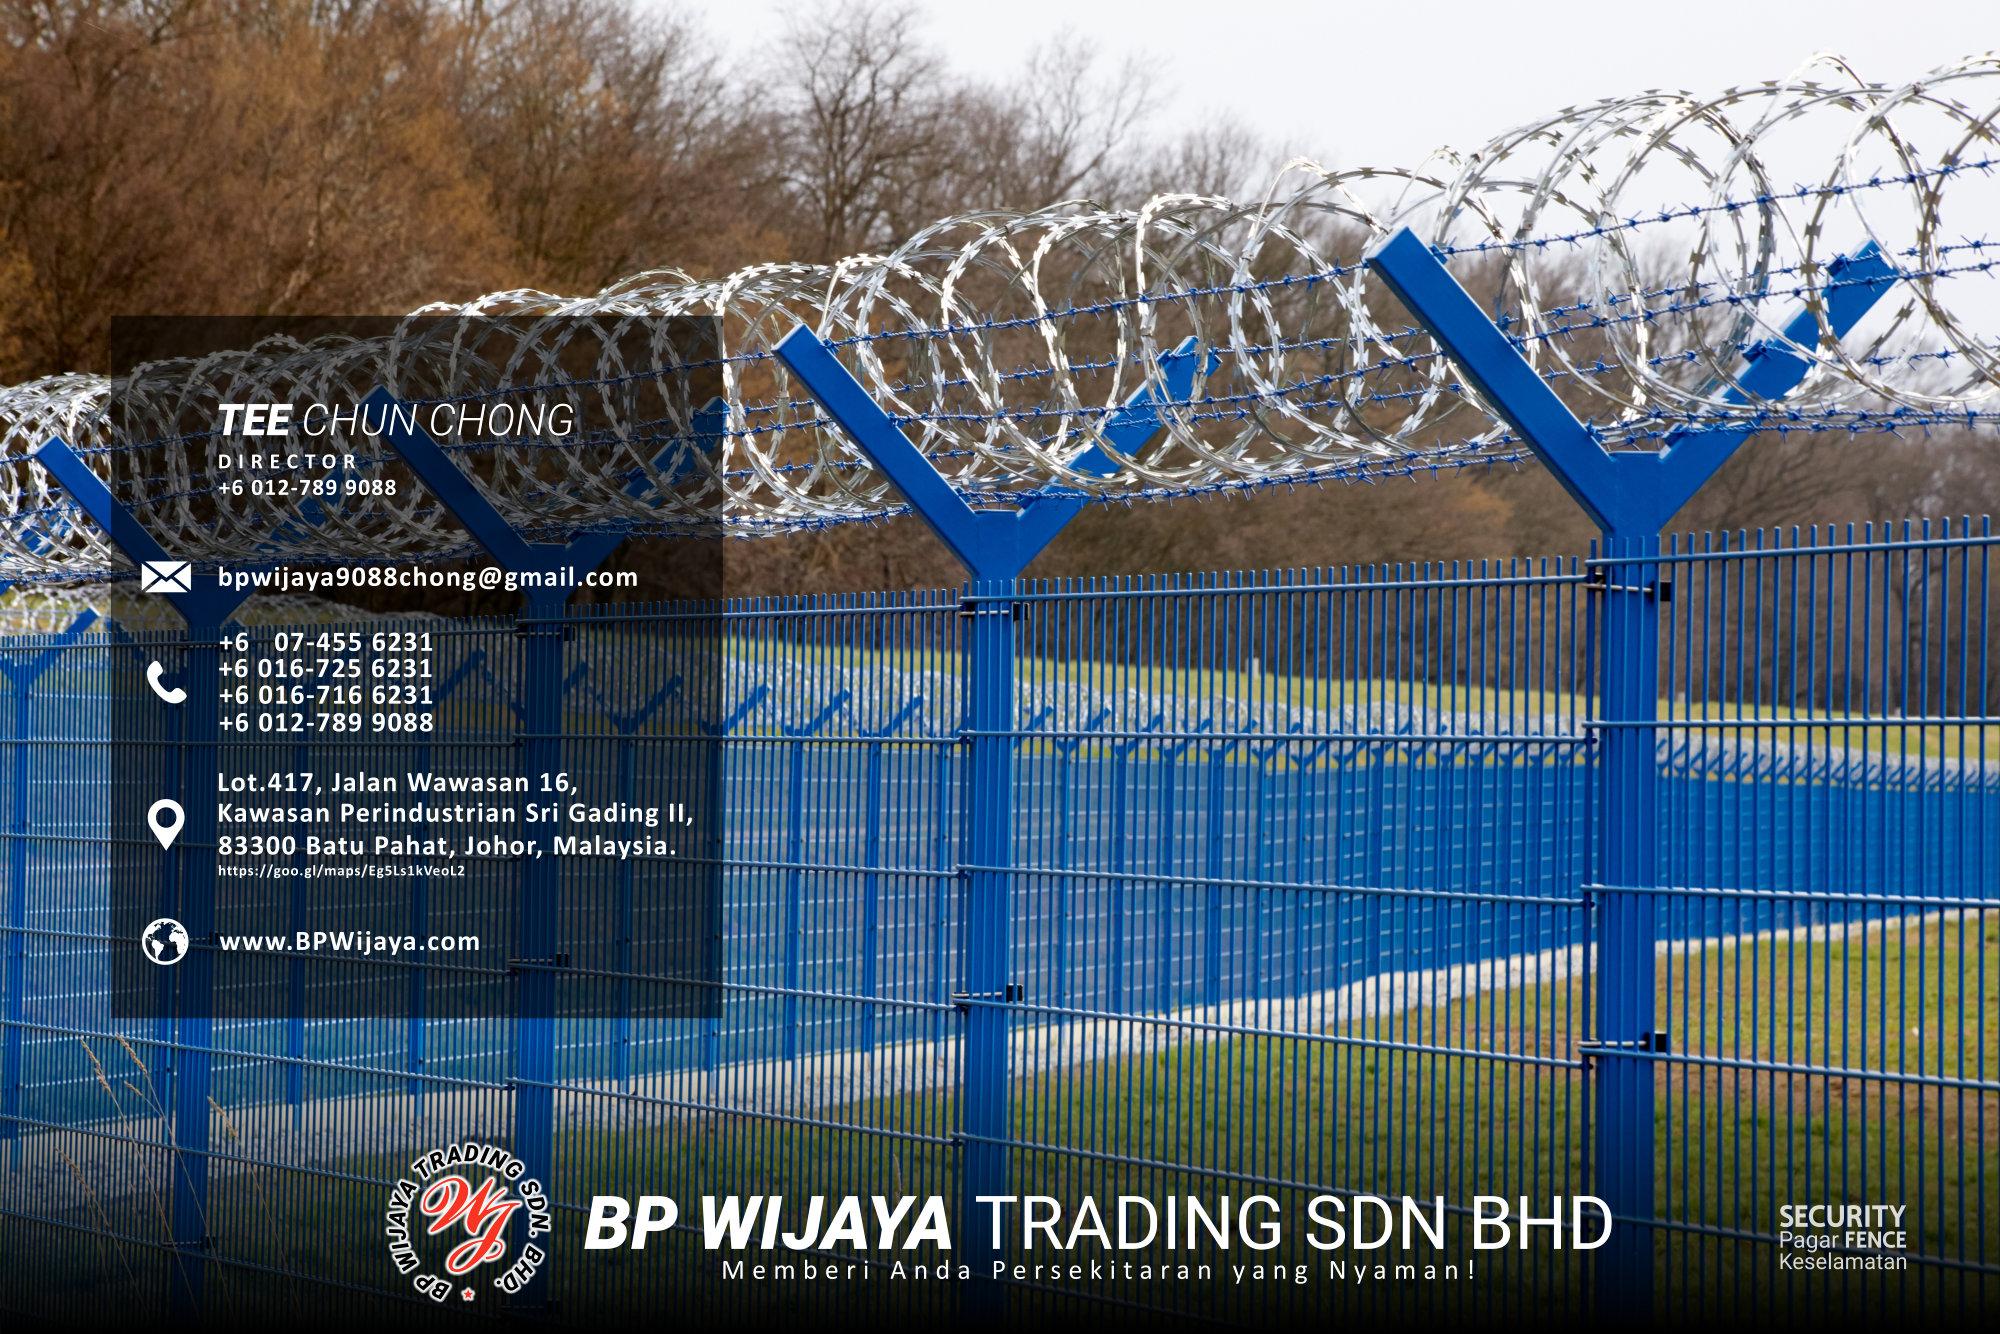 Pembekal Kuala Lumpur Pagar Keselamatan kami merupakan pengilang pagar keselamatan BP Wijaya Trading Sdn Bhd Pagar Taman Pagar Bangunan Pagar Kilang Pagar Rumah Pemborong Pagar Keselamatan A03-009